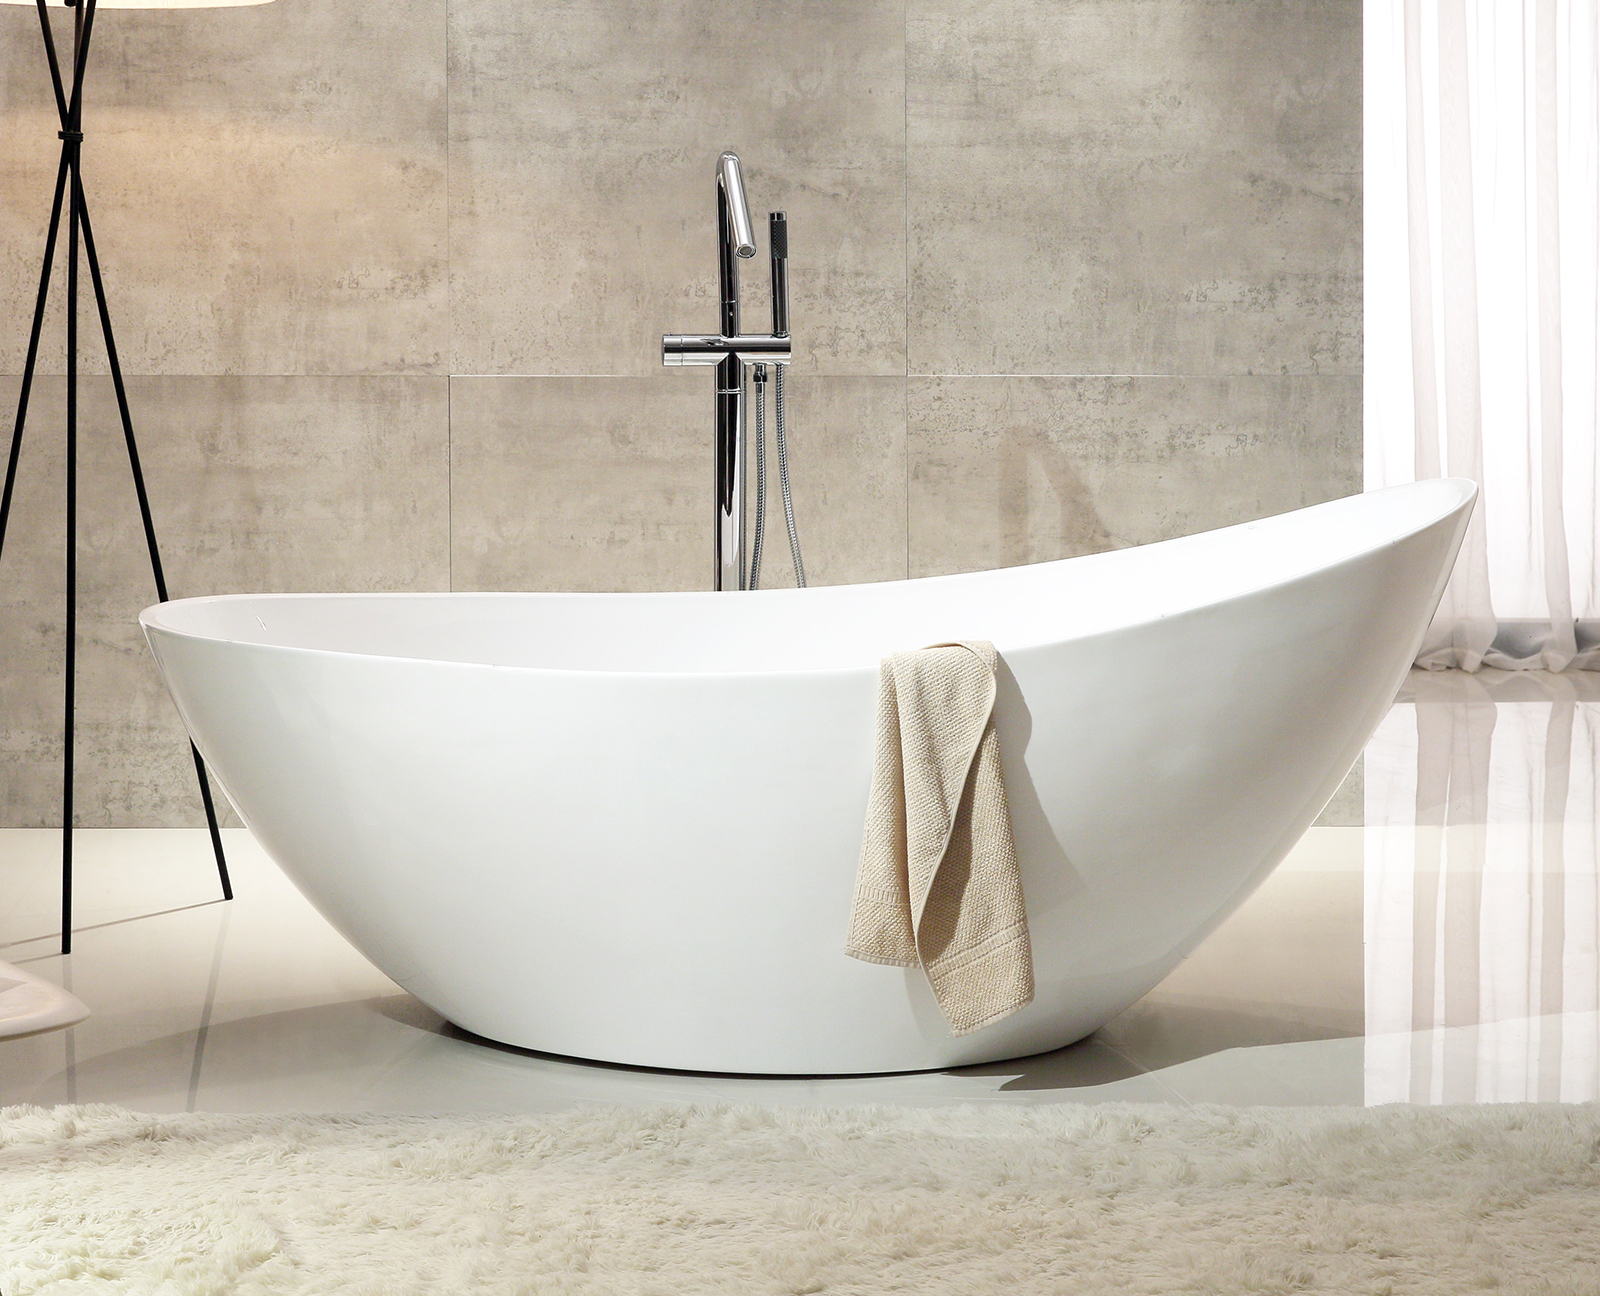 Vasca Da Bagno Freestanding In Acrilico : Vasca da bagno indipendente vice acrilico bianco cm